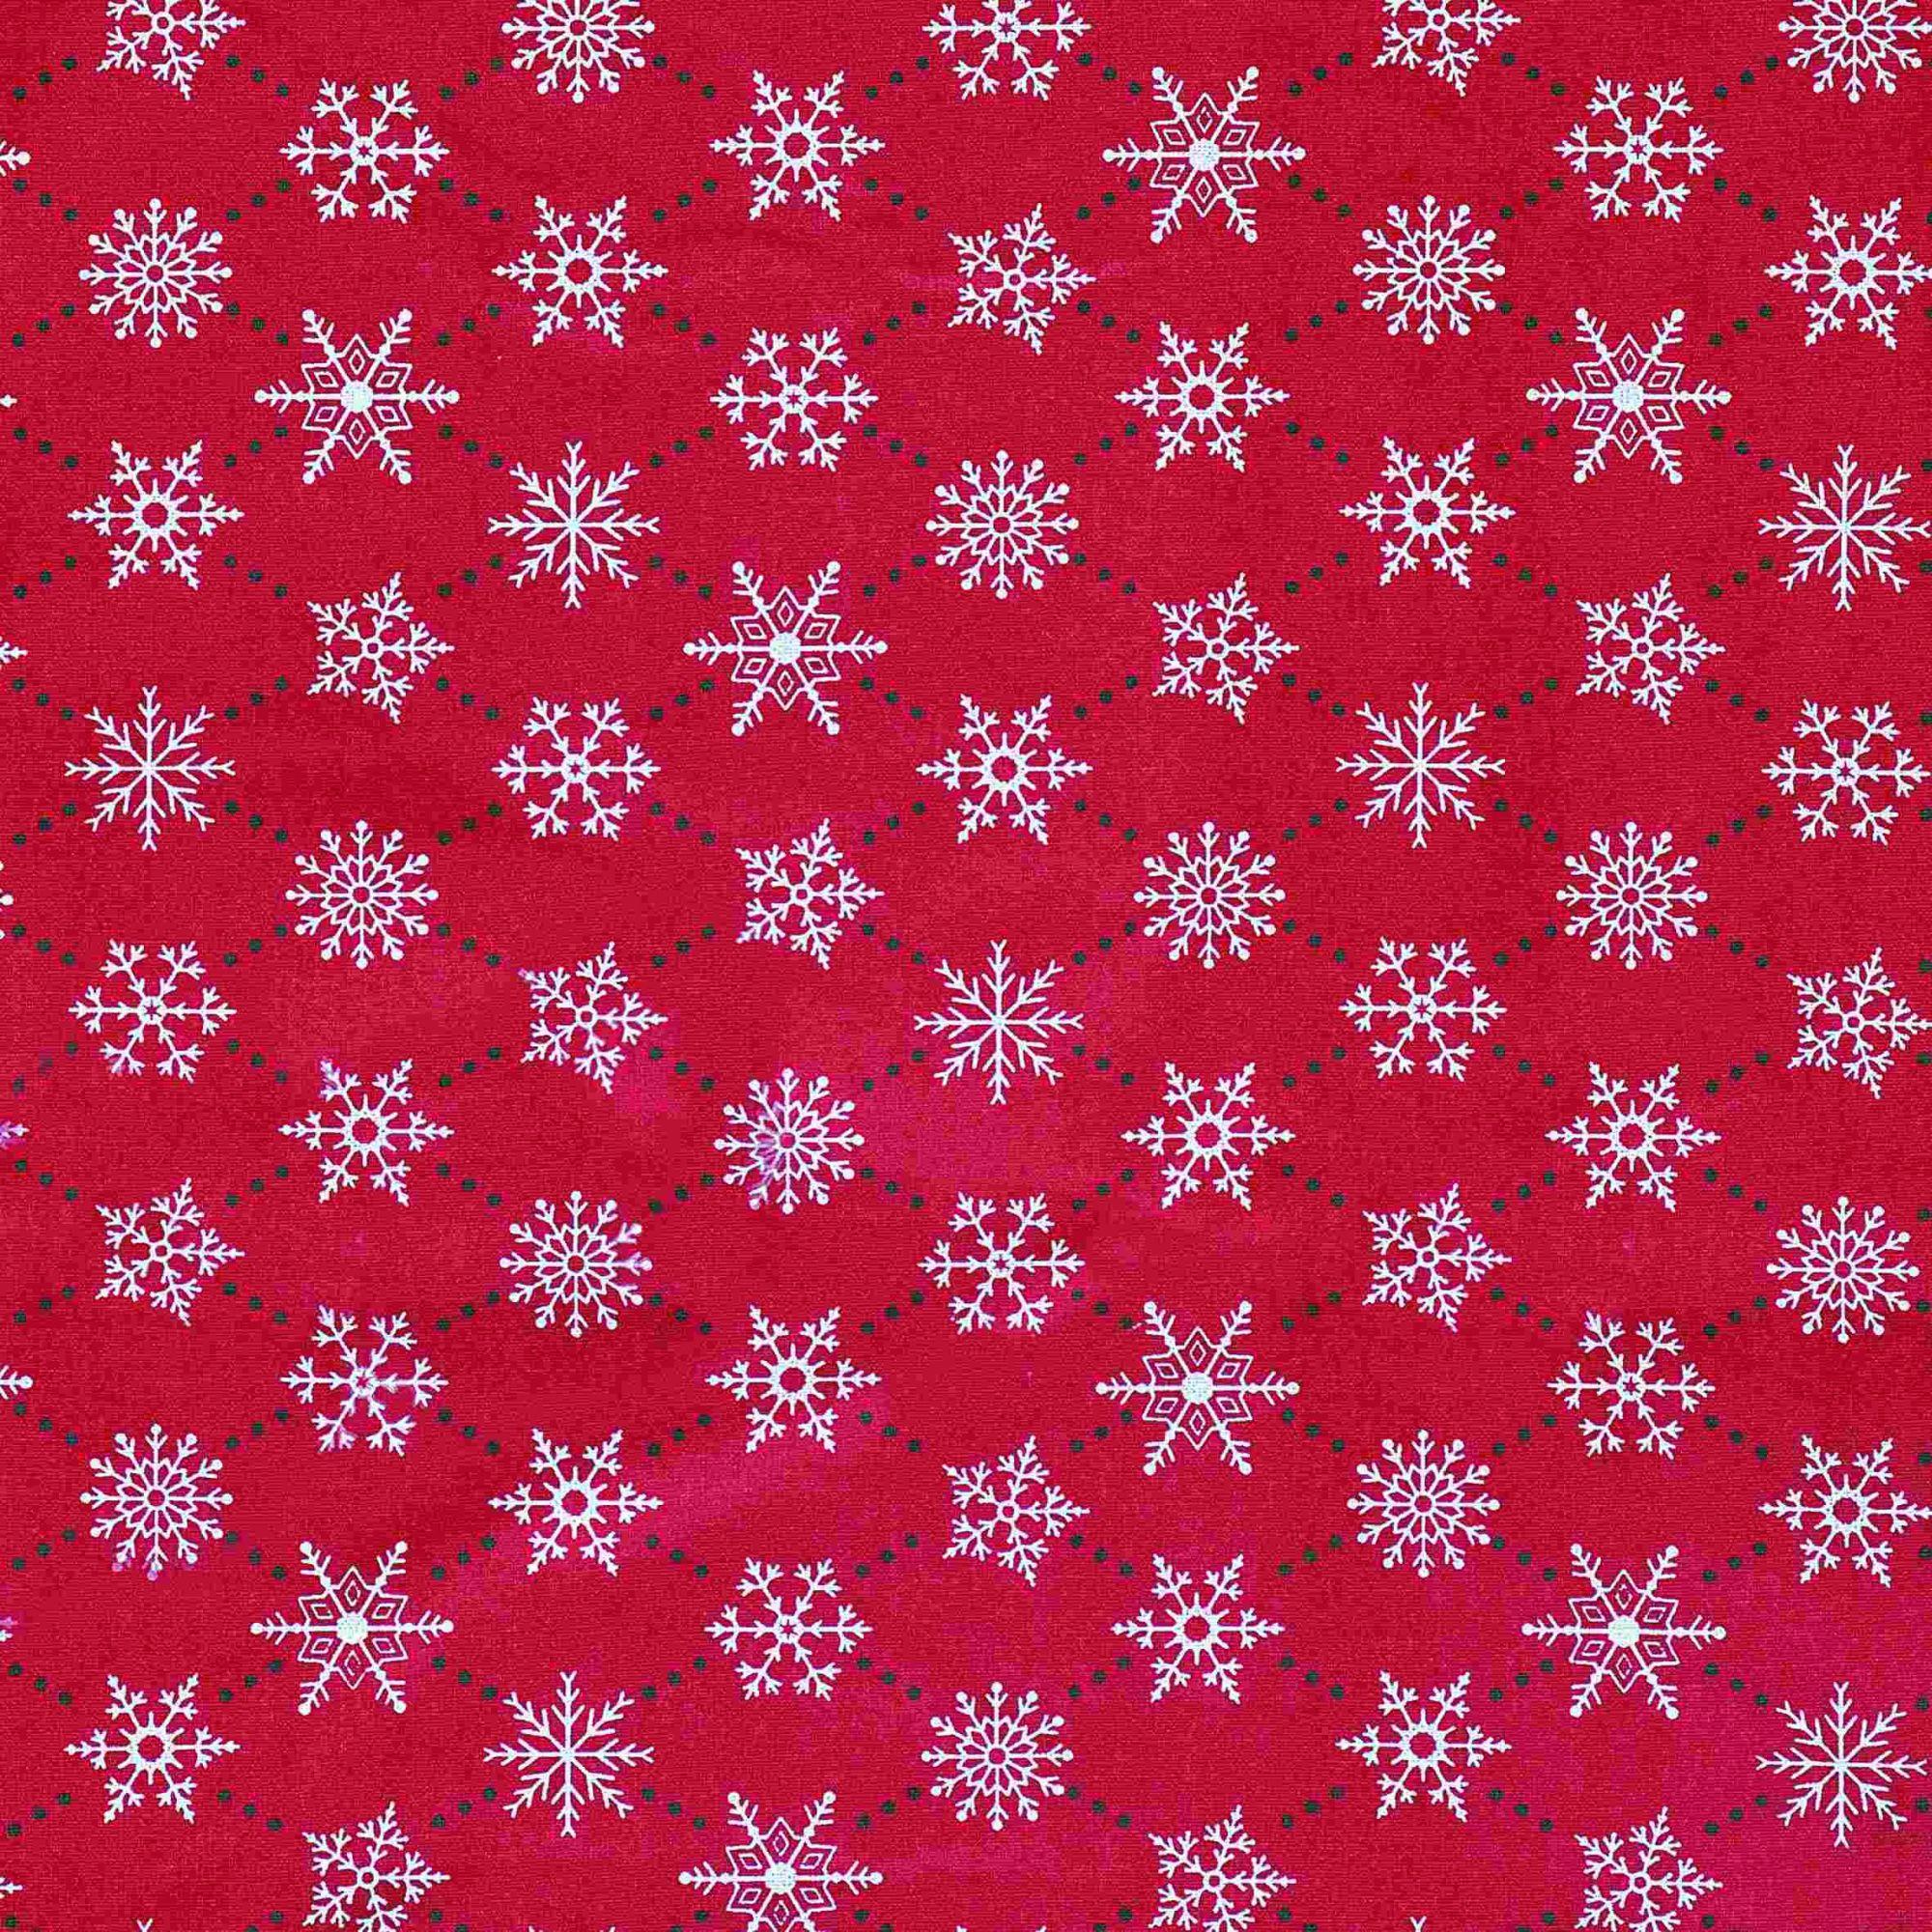 Tecido tricoline estampado dohler 100% algodão natal vermelho